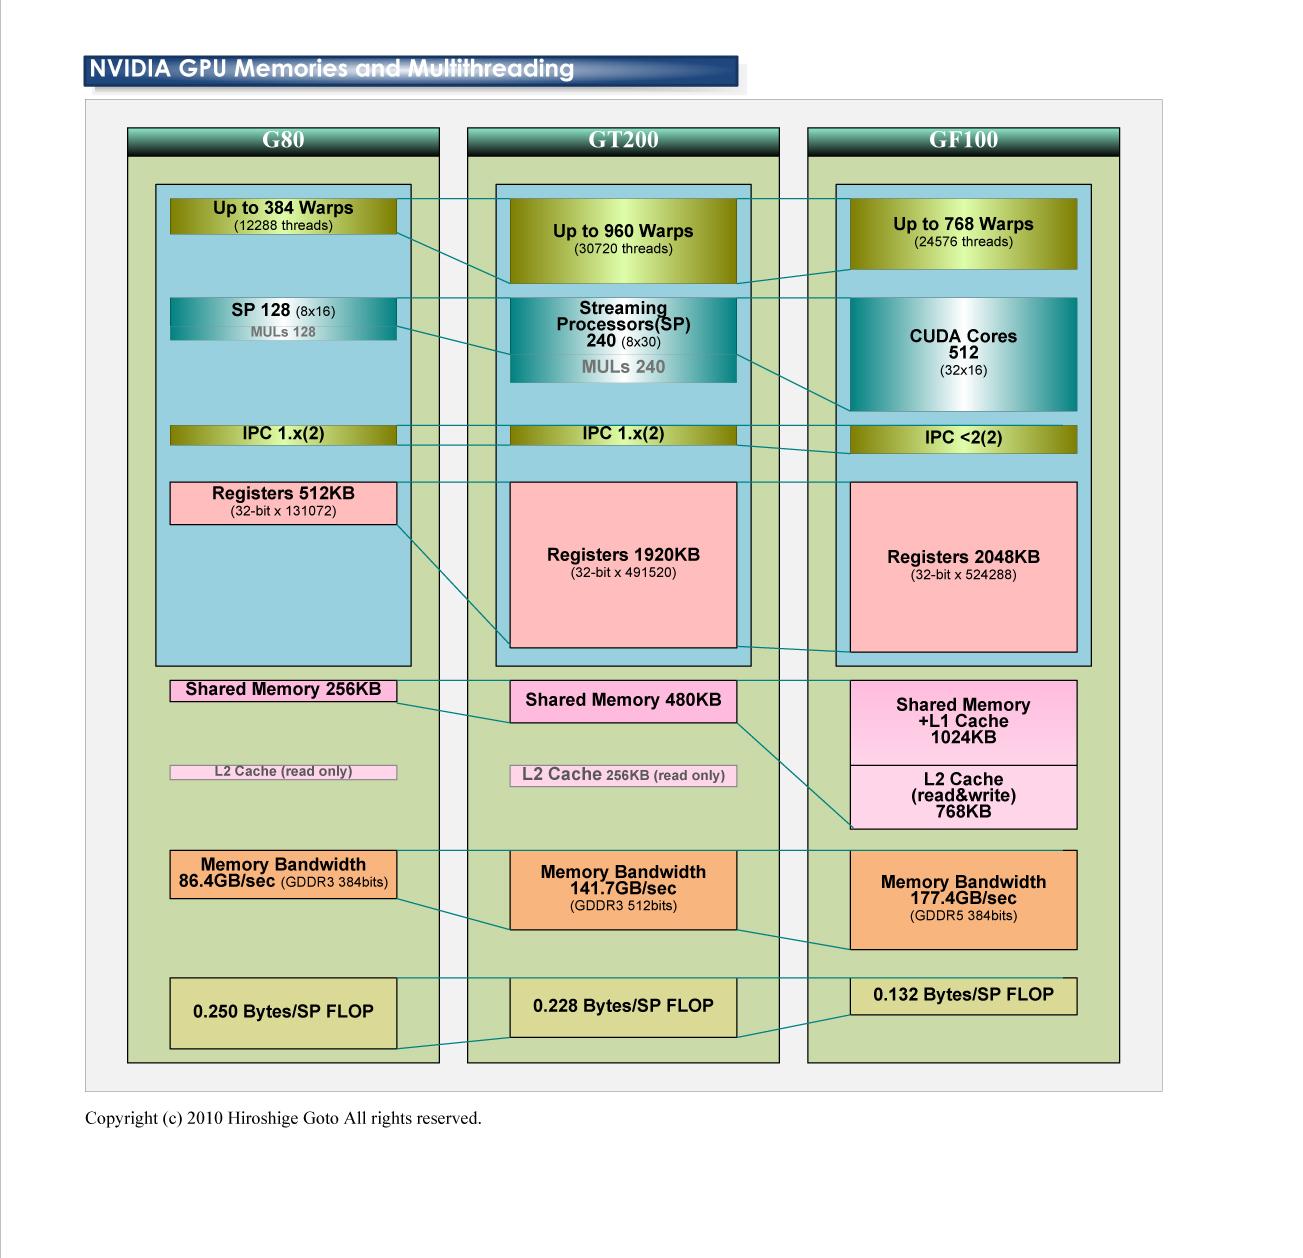 """各GPUにおけるメモリ演算比率の比較         <br>PDF版は<a href=""""/video/pcw/docs/526/857/p14.pdf"""">こちら</a>"""